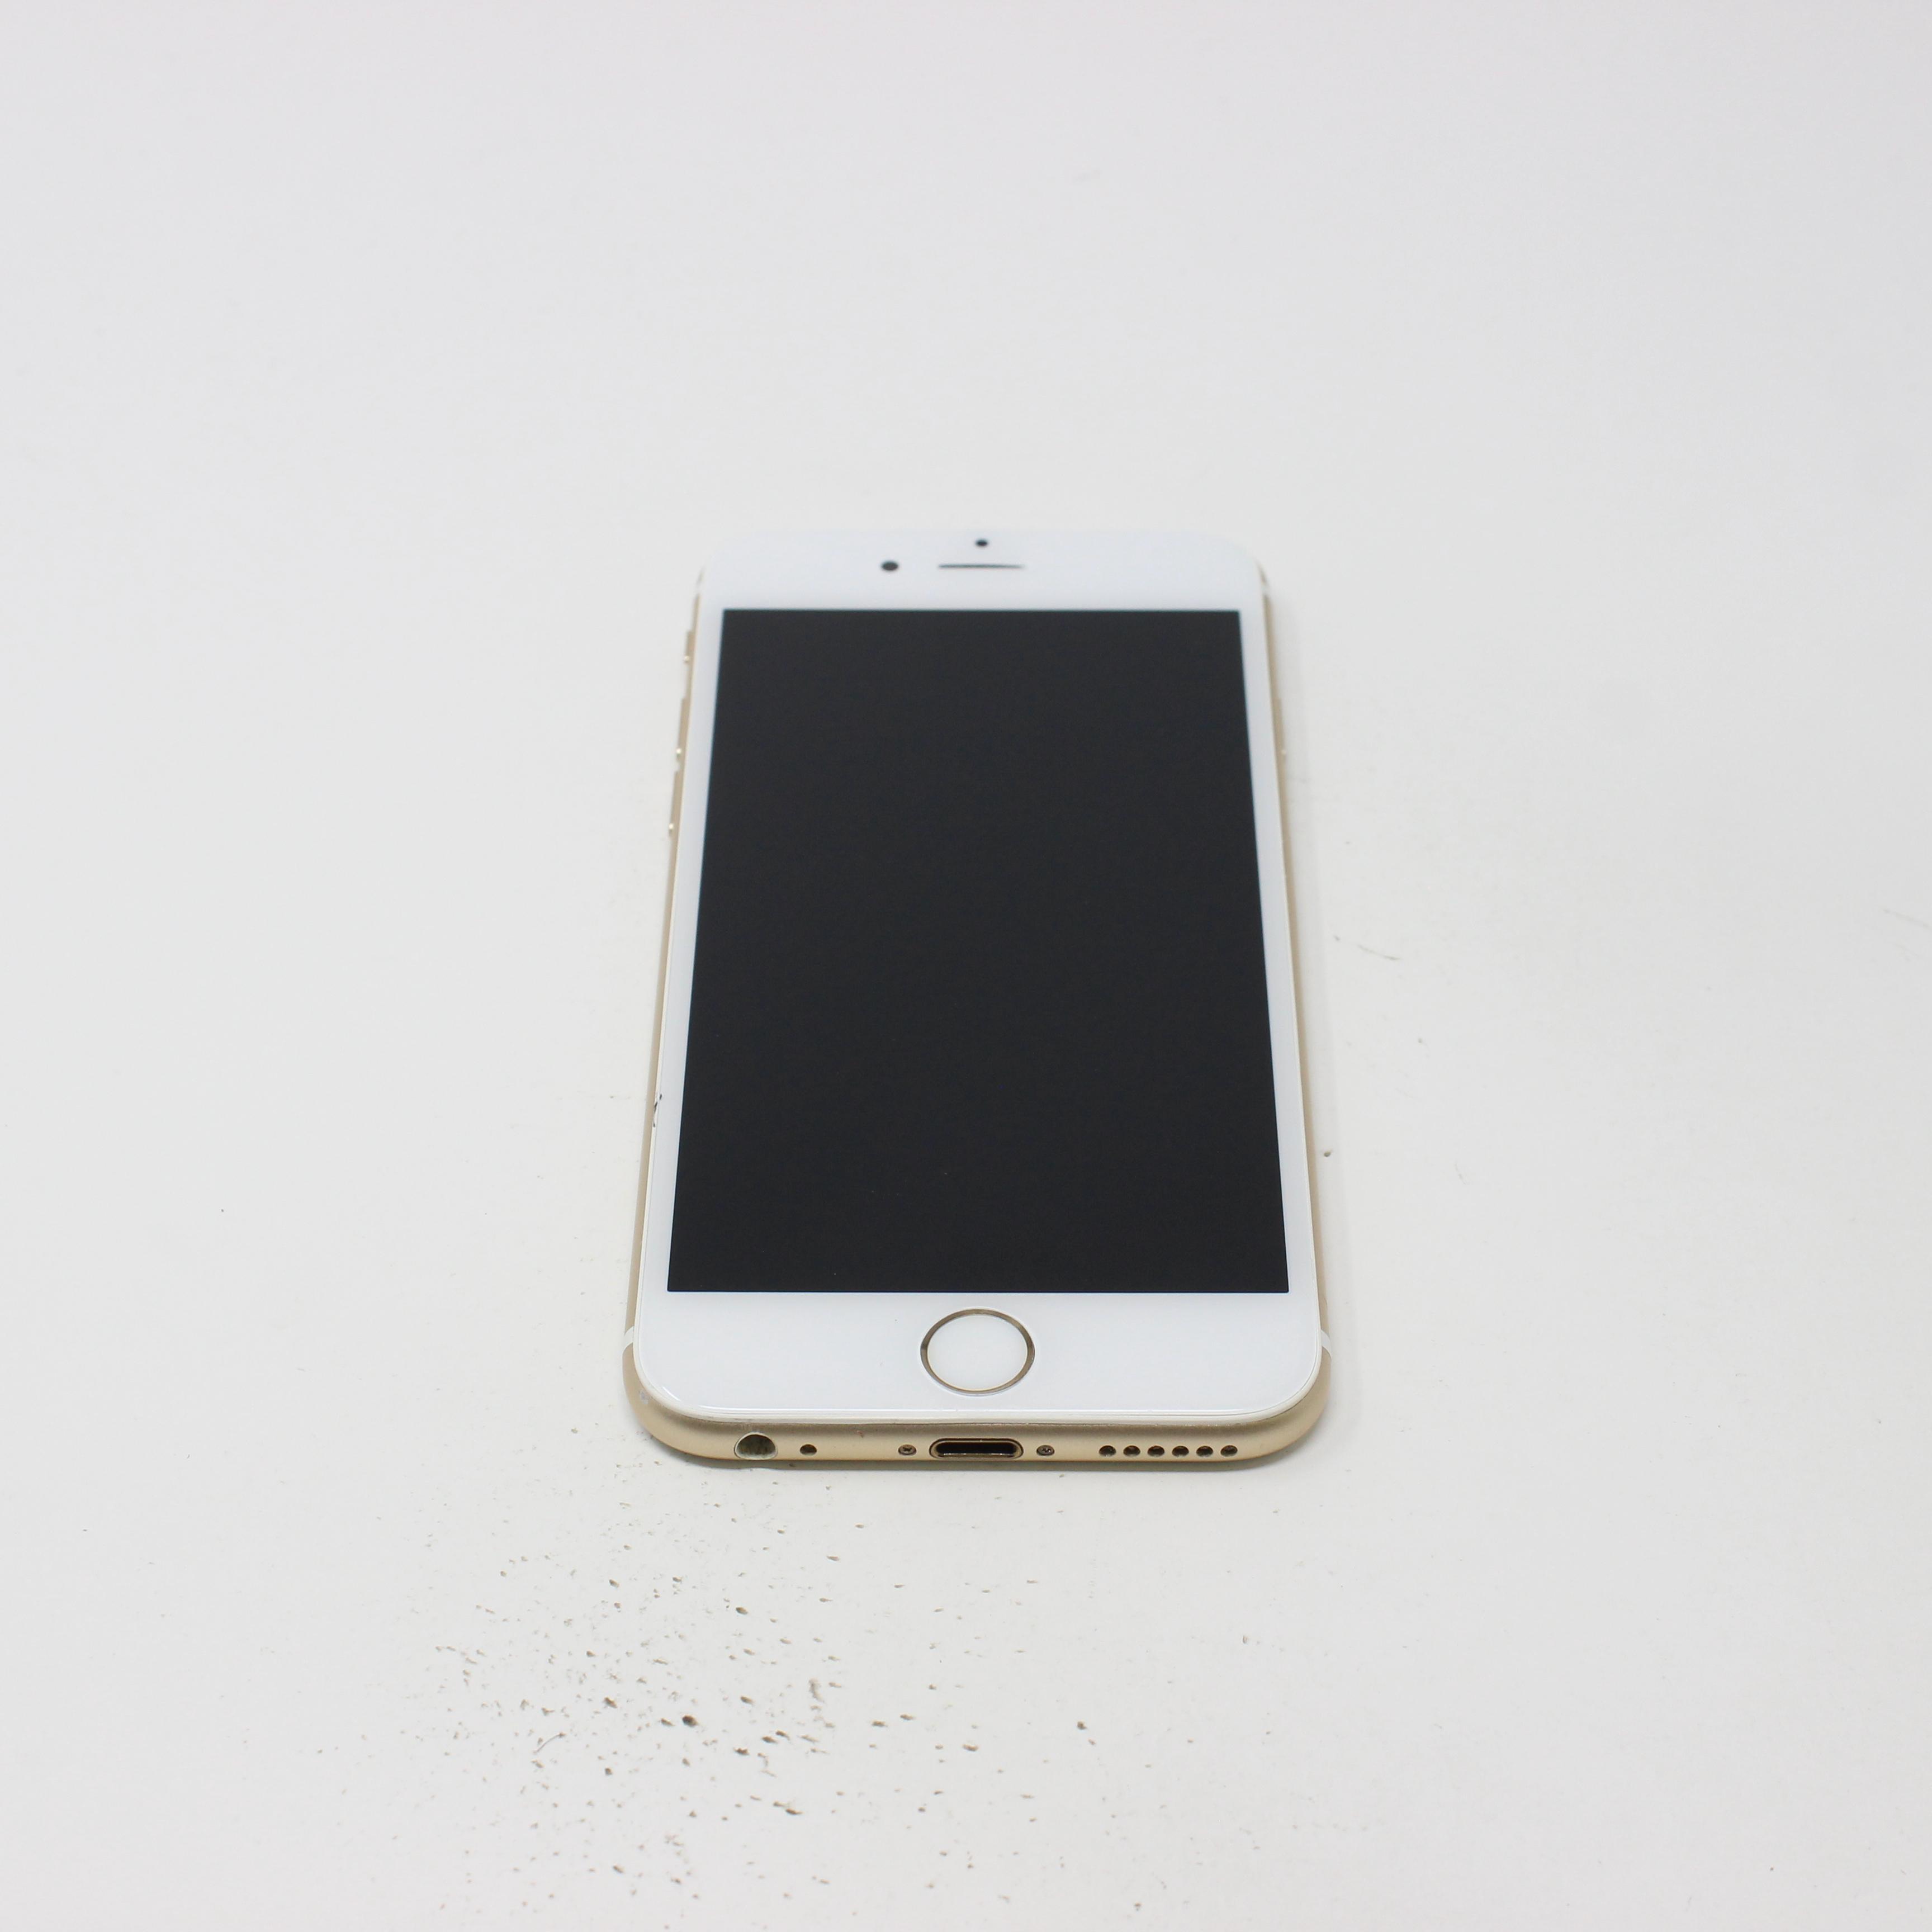 iPhone 6S 16GB Gold - AT&T photo 2 | UpTradeit.com